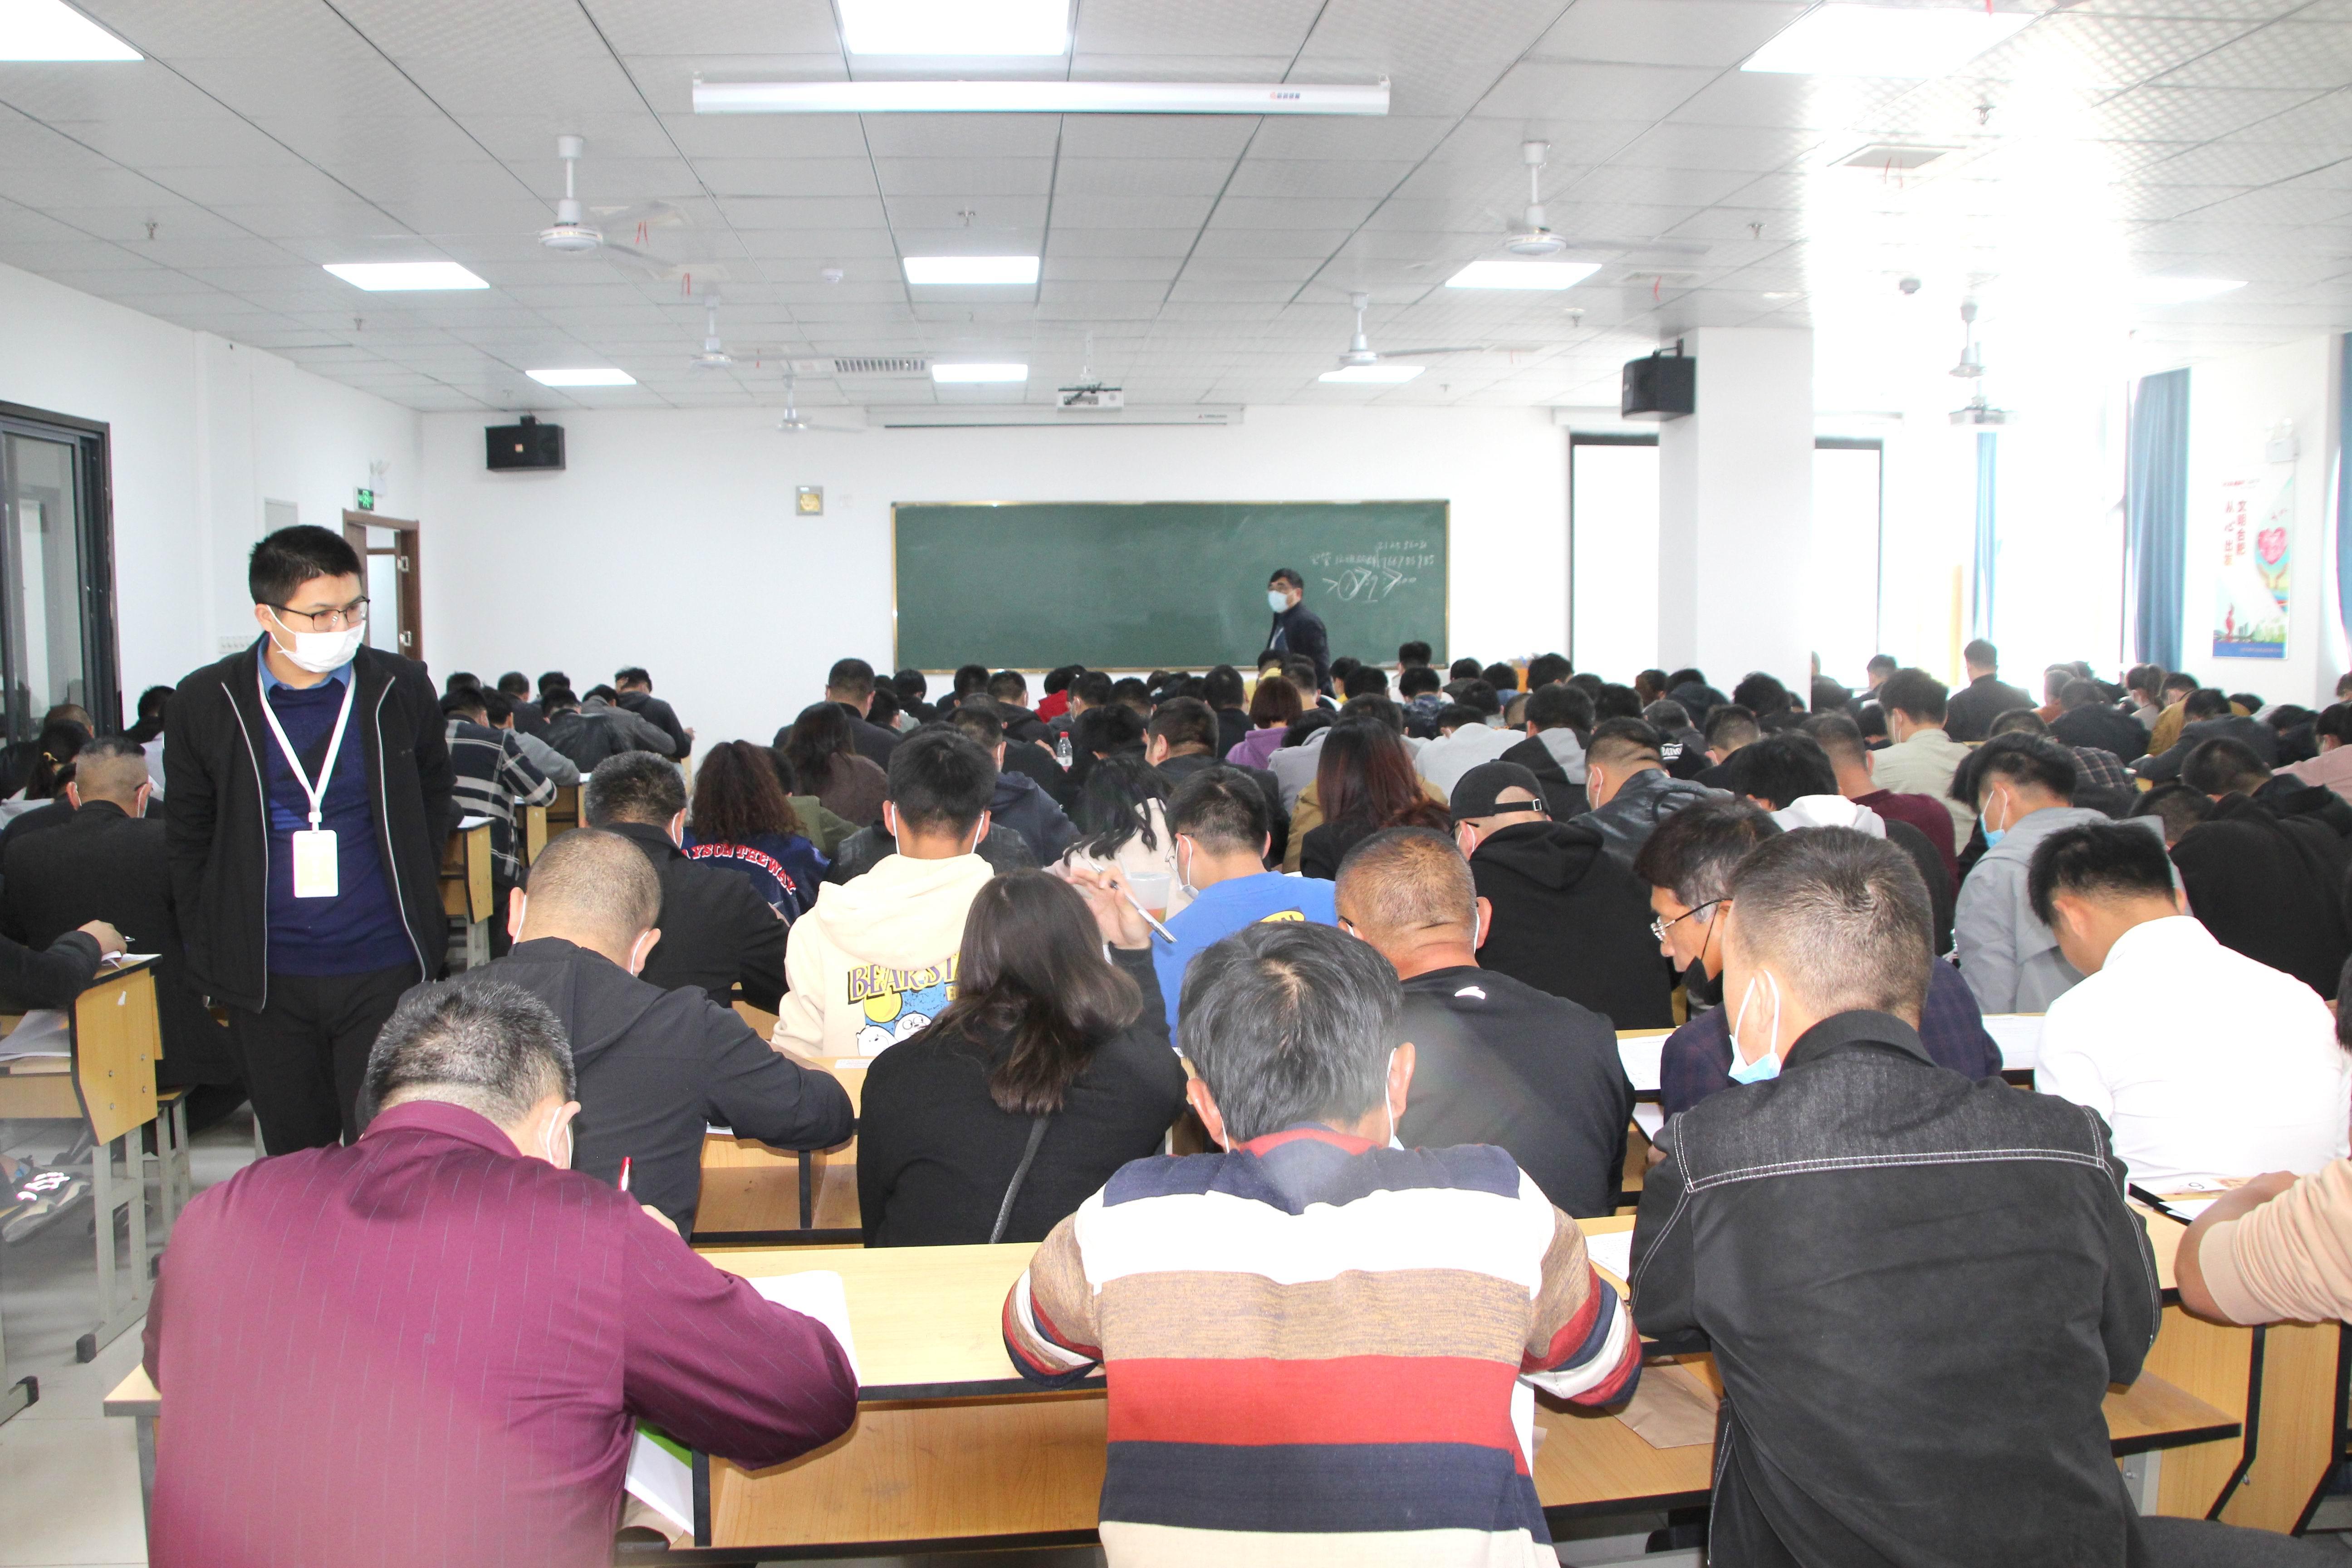 安徽省监理协会、合肥市建筑工程协会监理专委会共同组织监理员培训认定考试